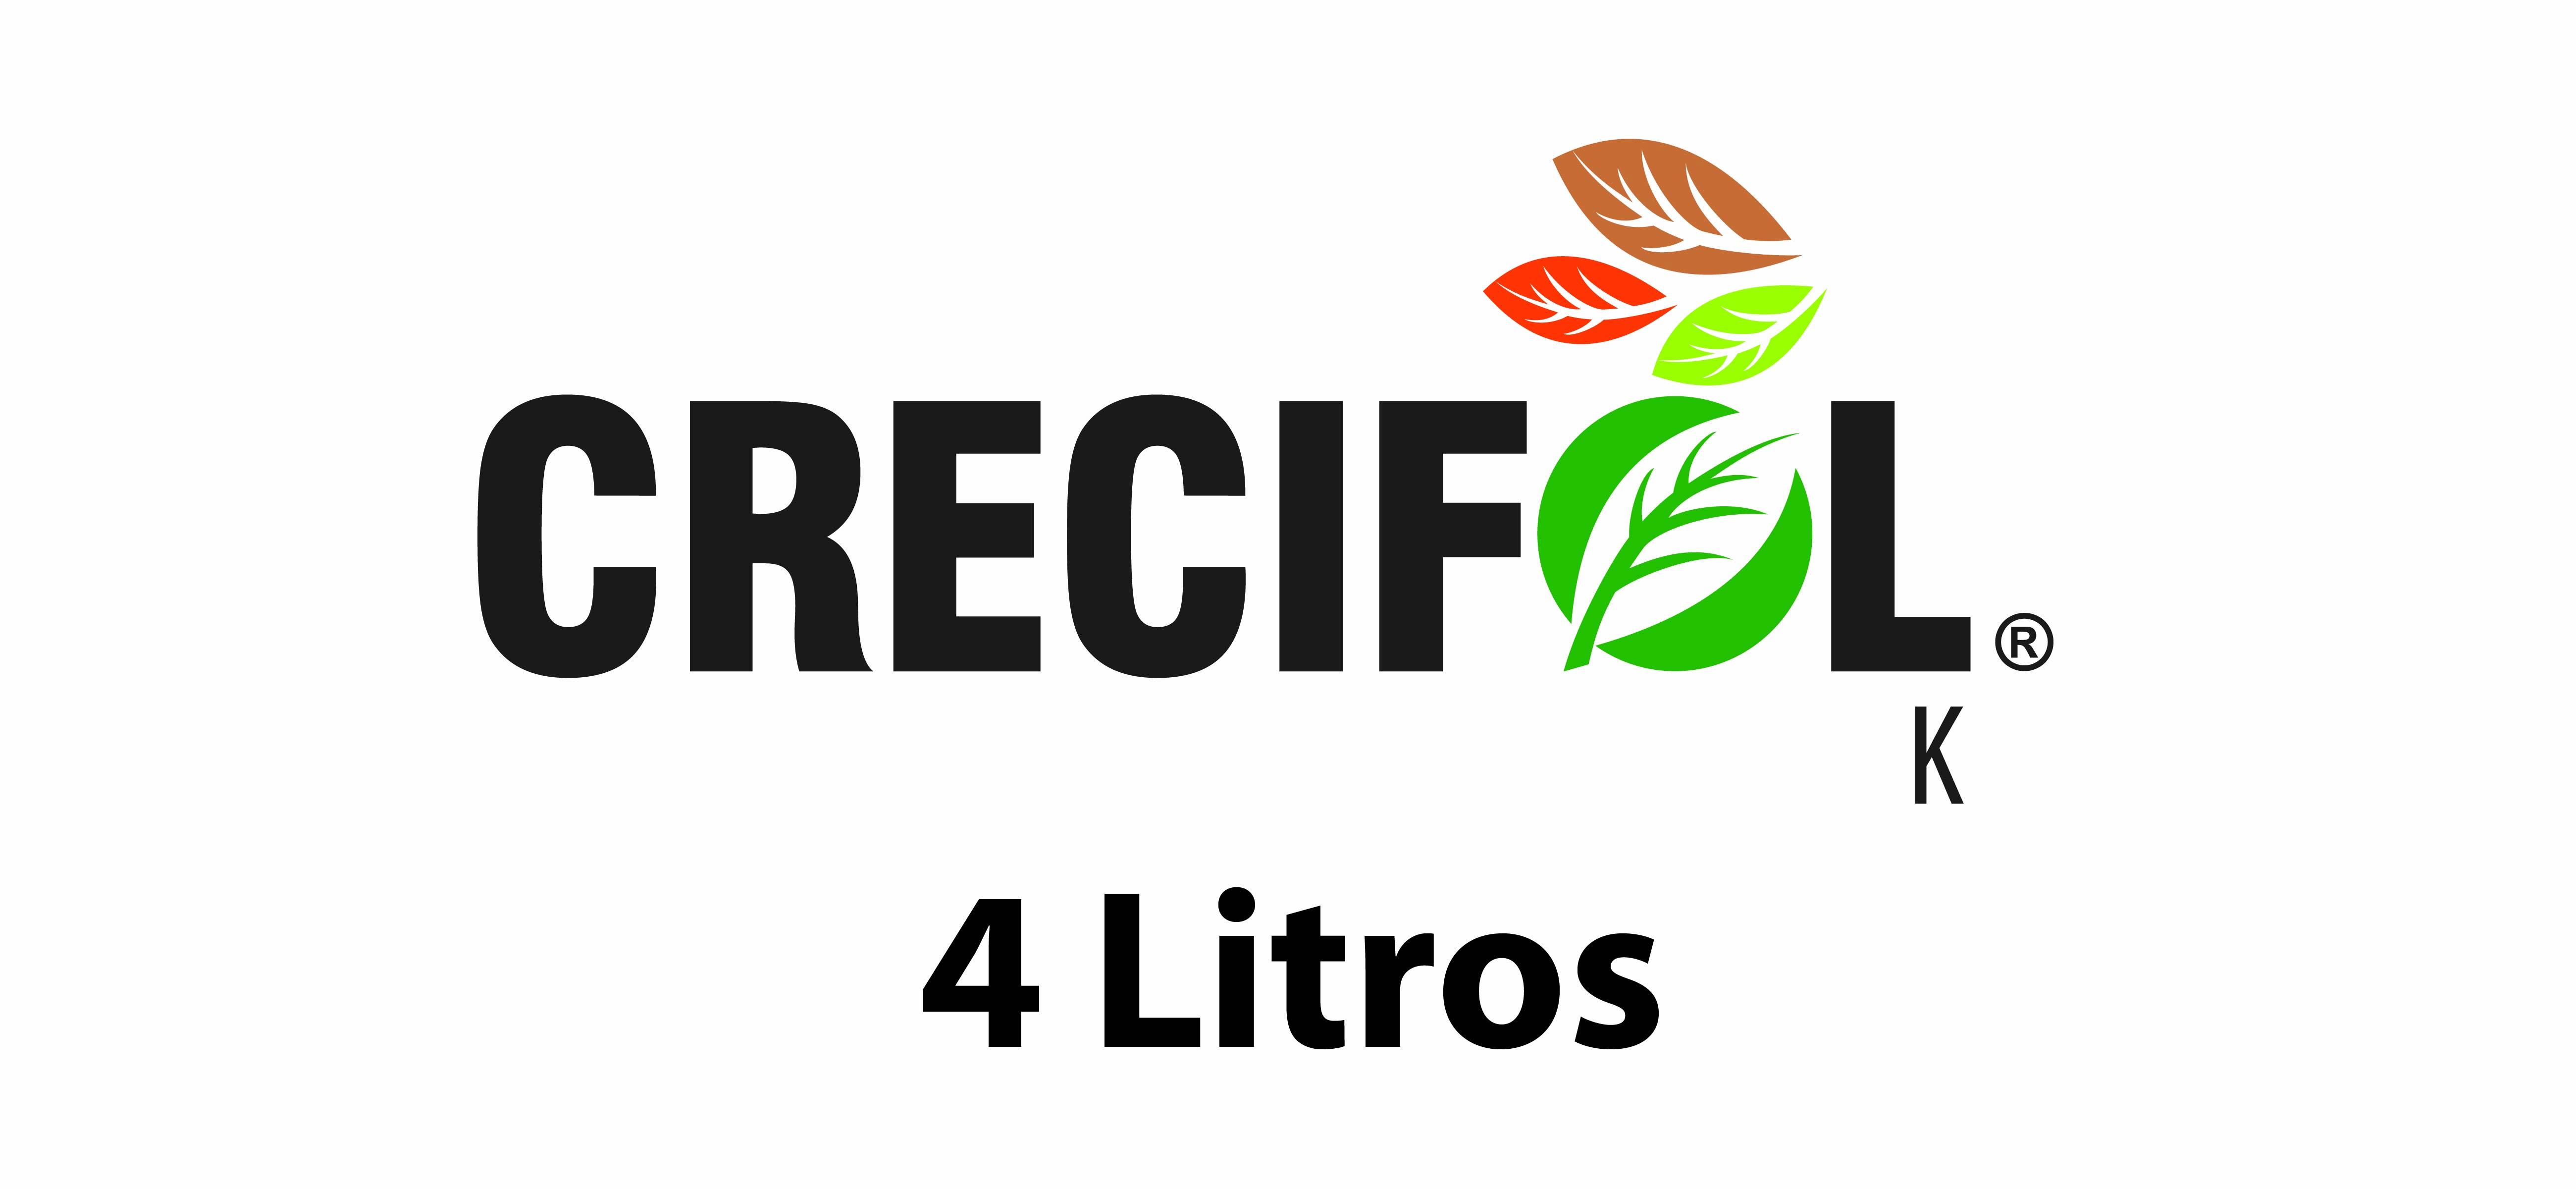 Crecifol k 4l